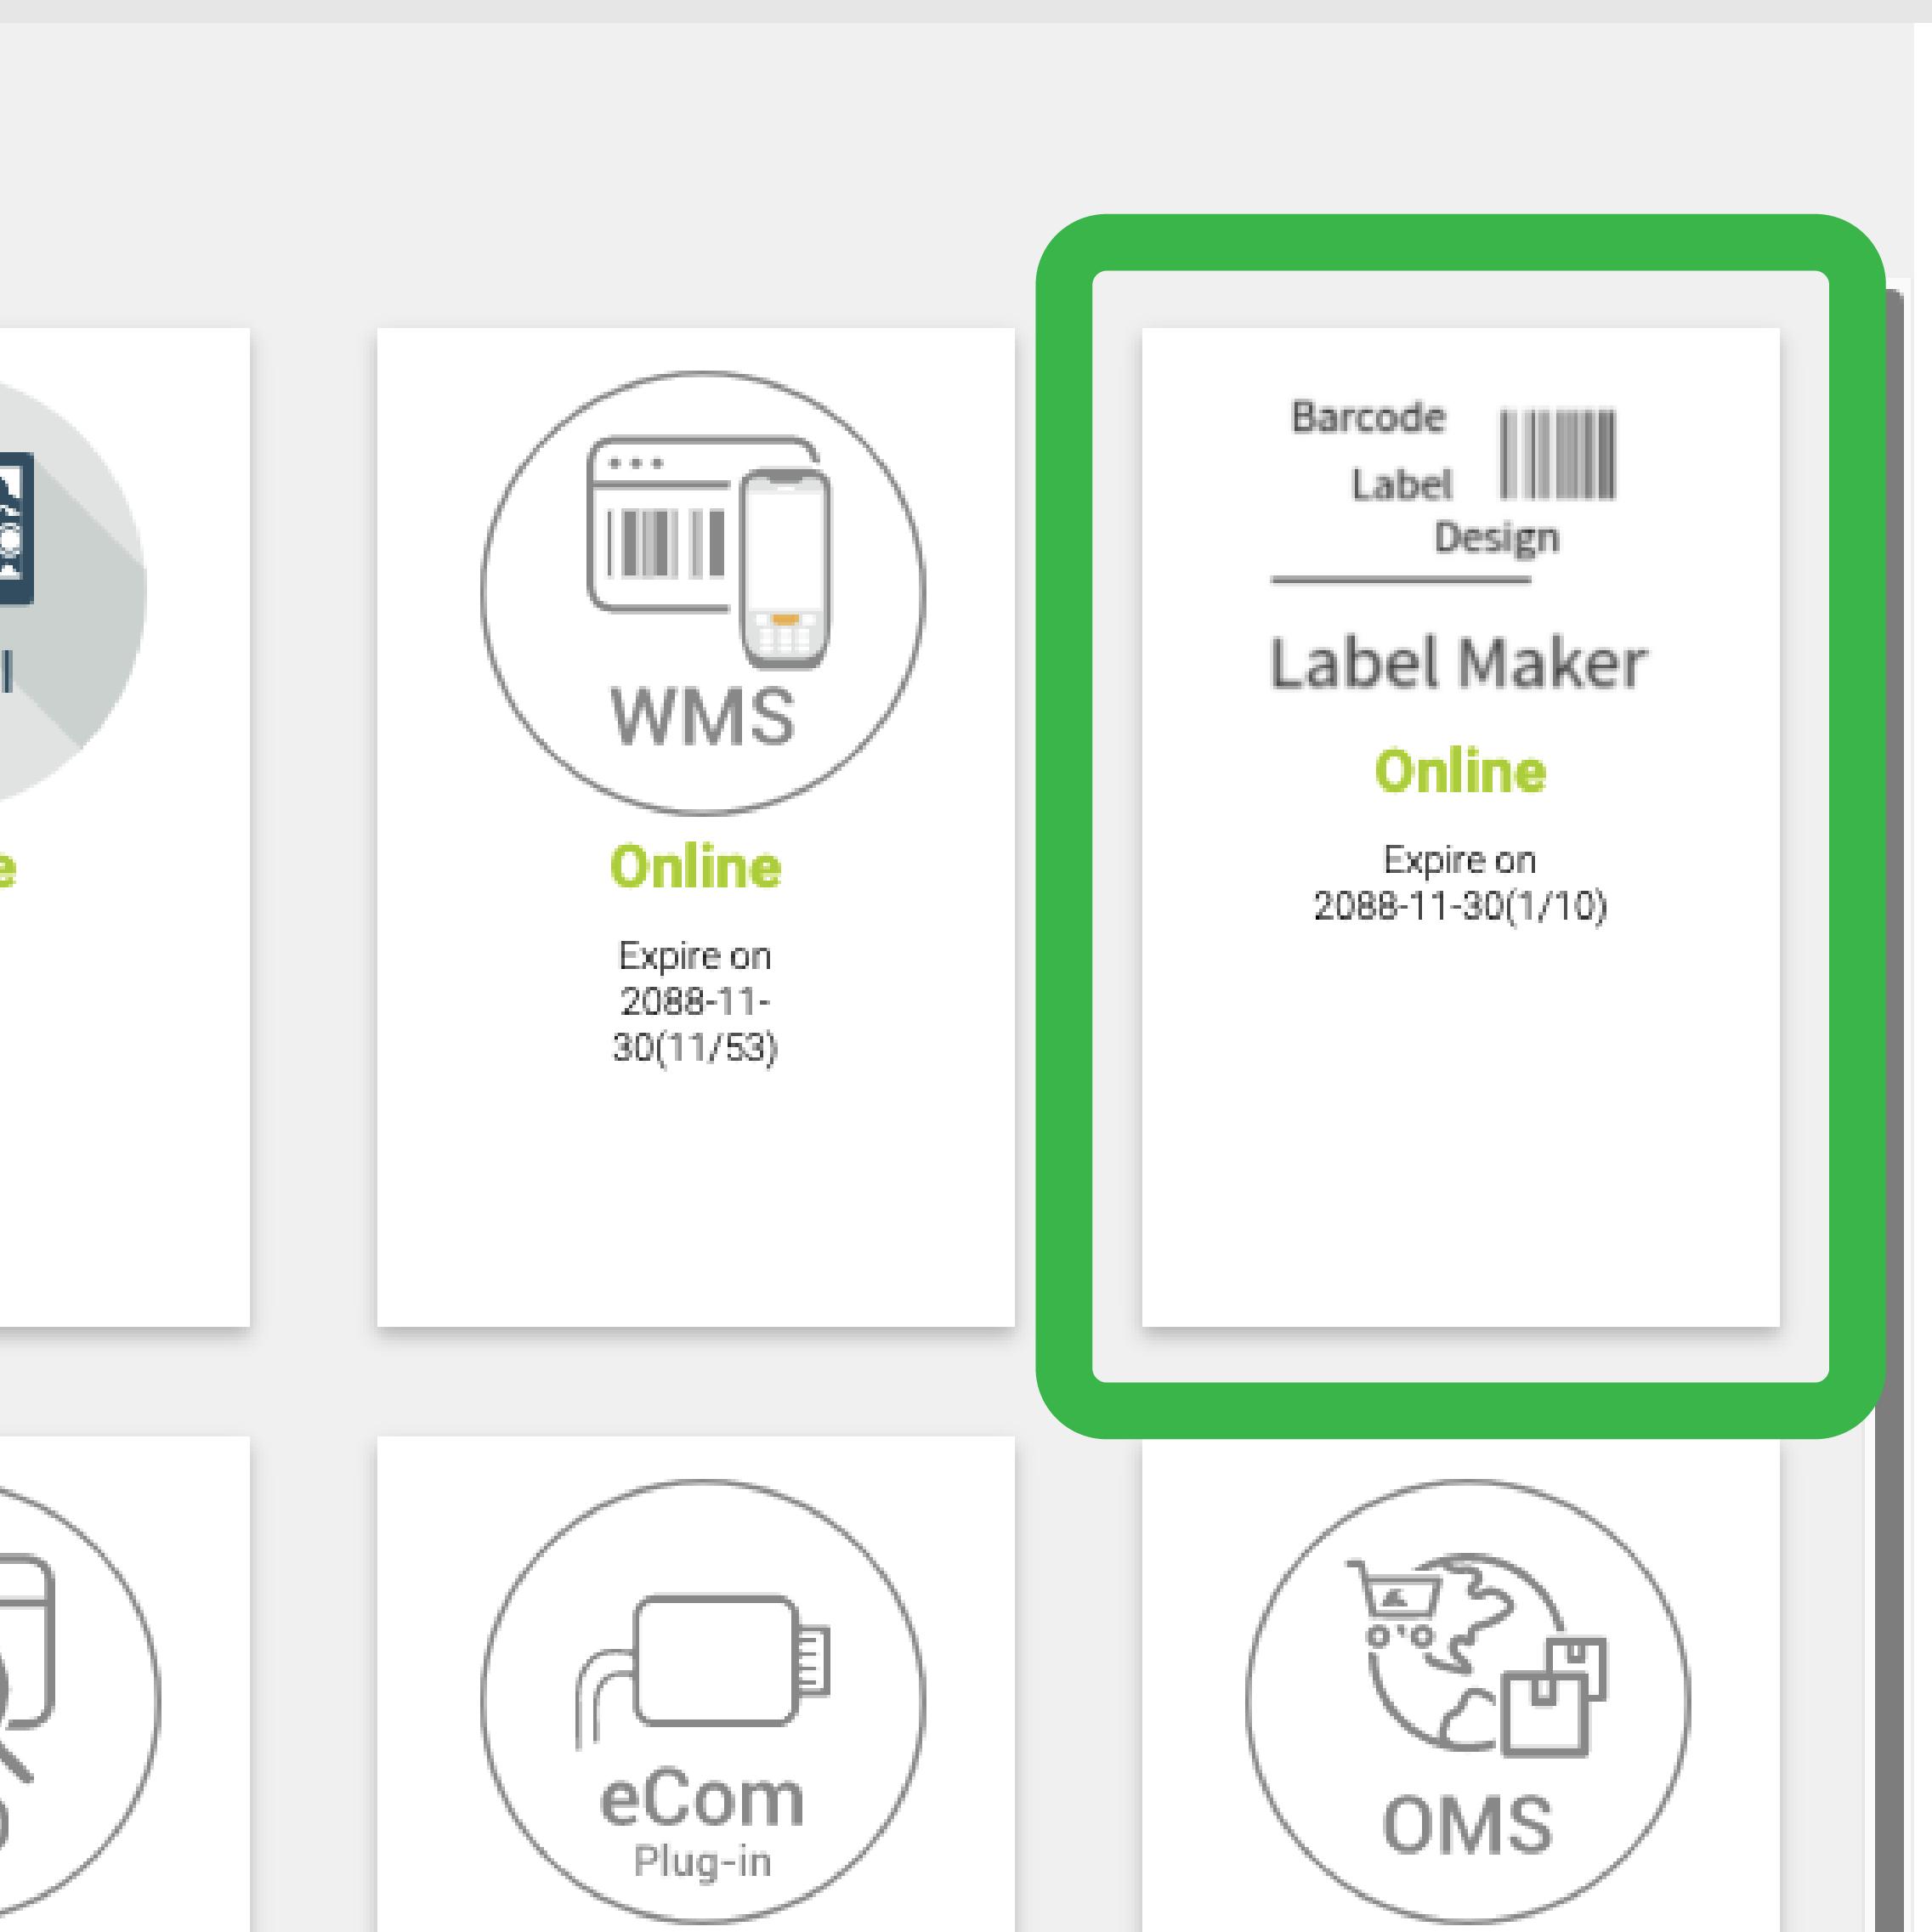 Label_Maker